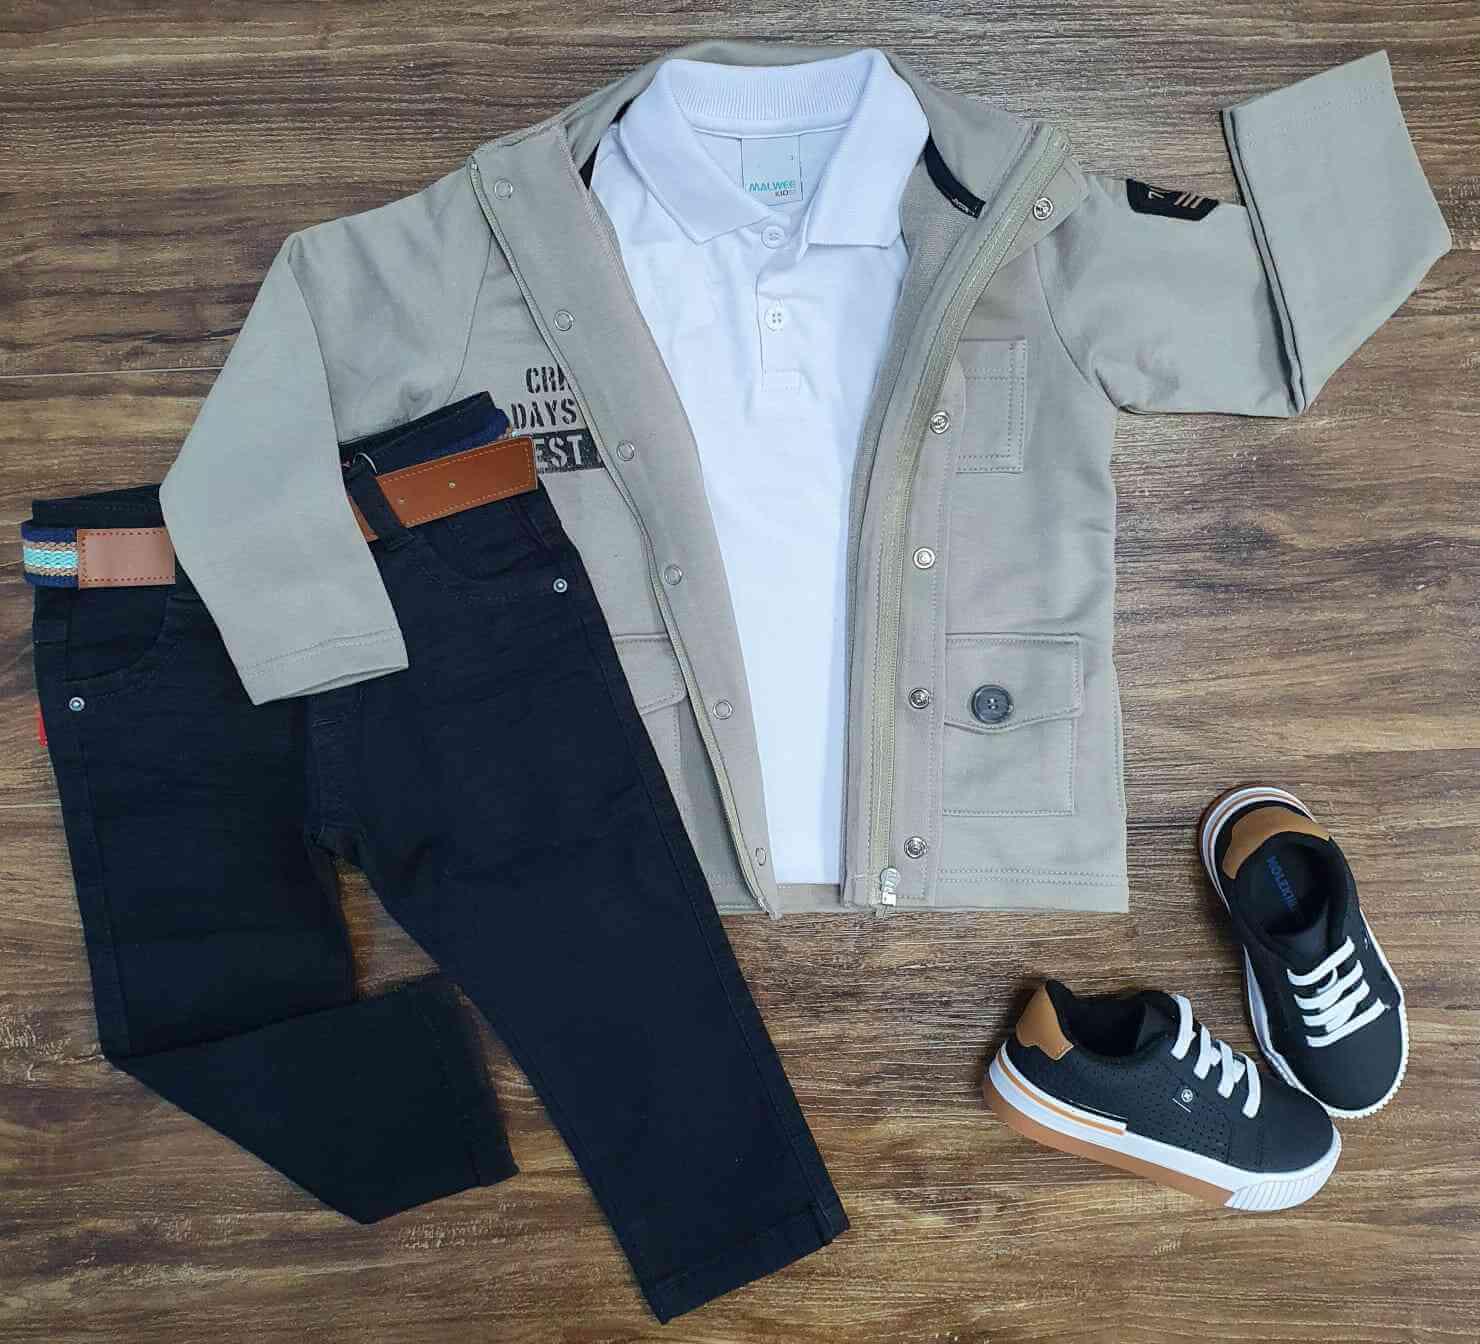 Jaqueta CRH Days com Polo Branca e Calça Jeans Preta Infantil